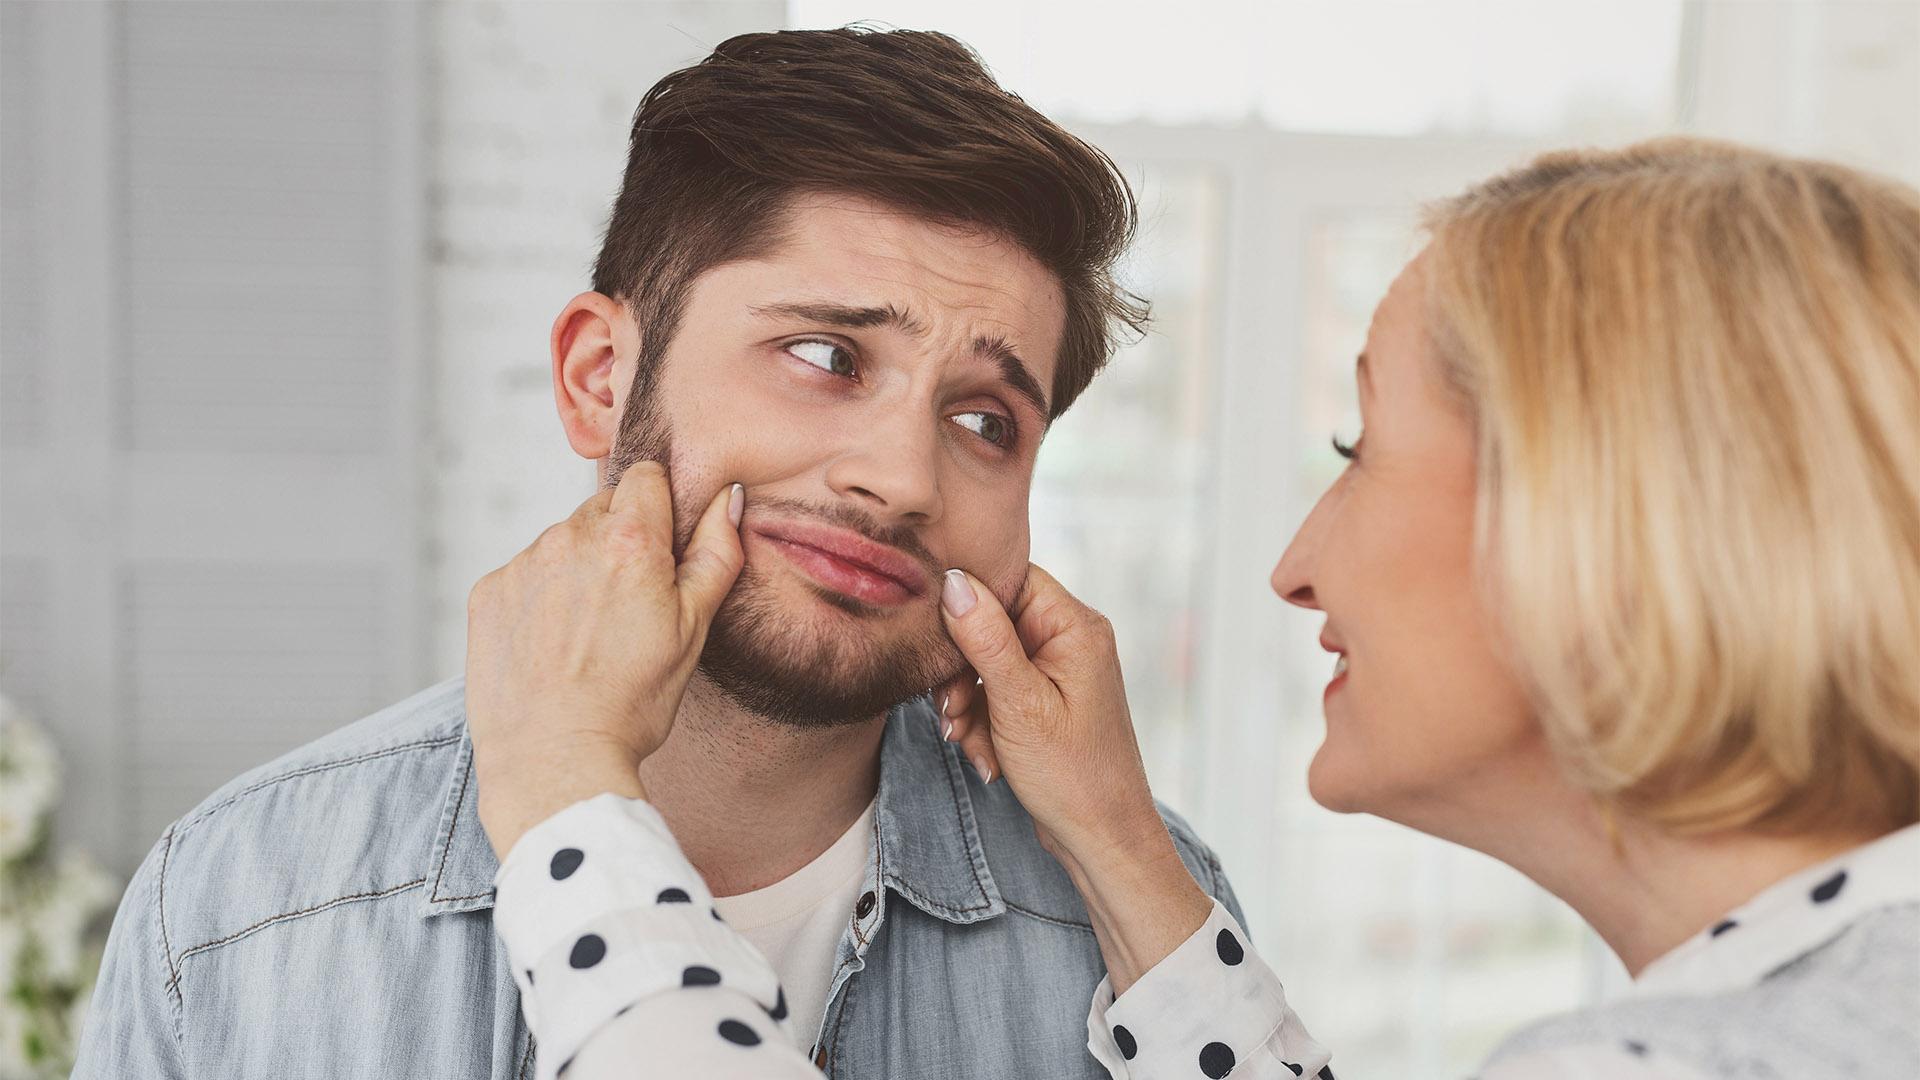 b. molnár márk ellenségeskedés féltékenység fiús szülők harag klinikai szakpszichológus makai gábor rivalizálás szimbolikus köldökzsinór